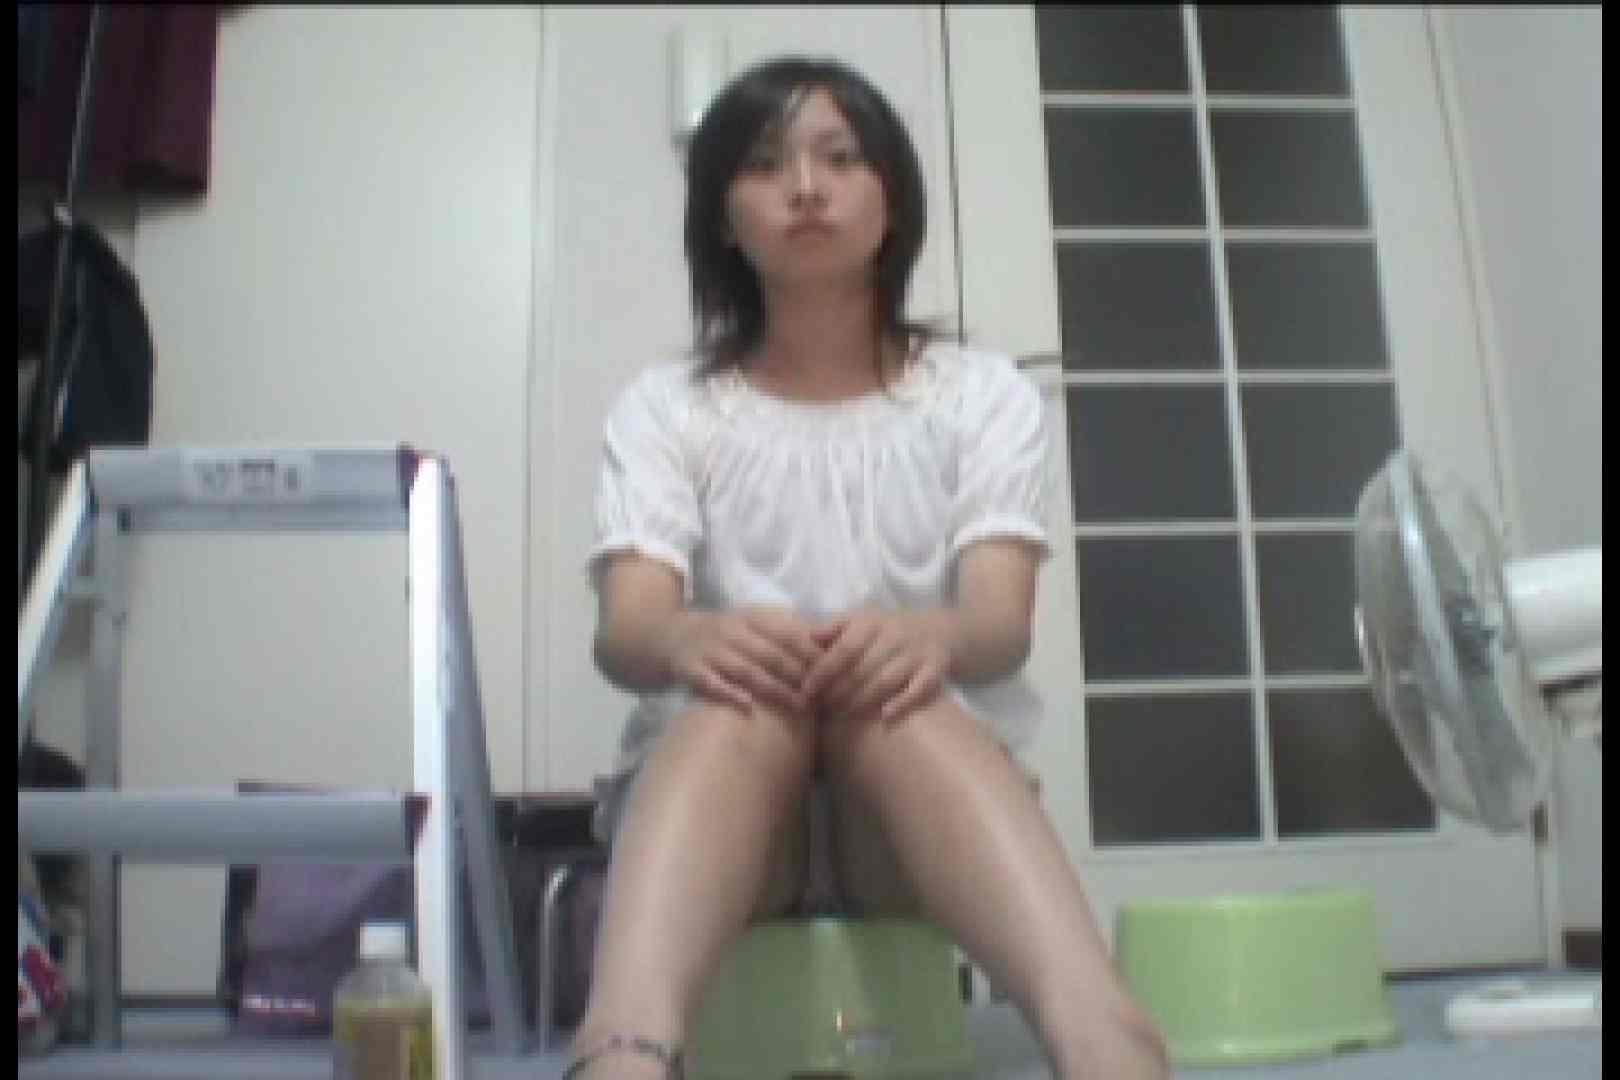 パンツ売りの女の子 むみちゃんvol.1 OL  112pic 16